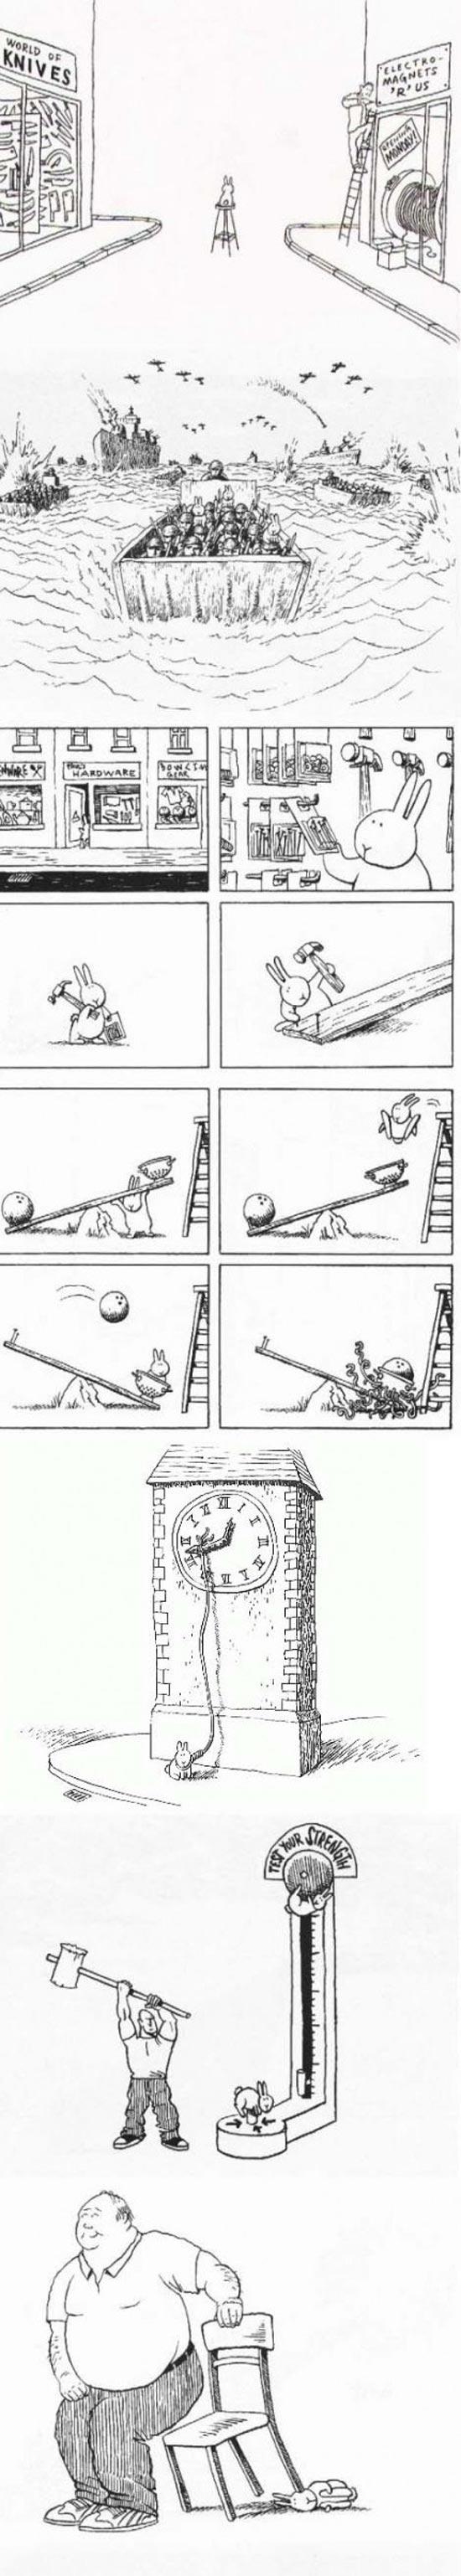 Diferentes formas de se suicidar